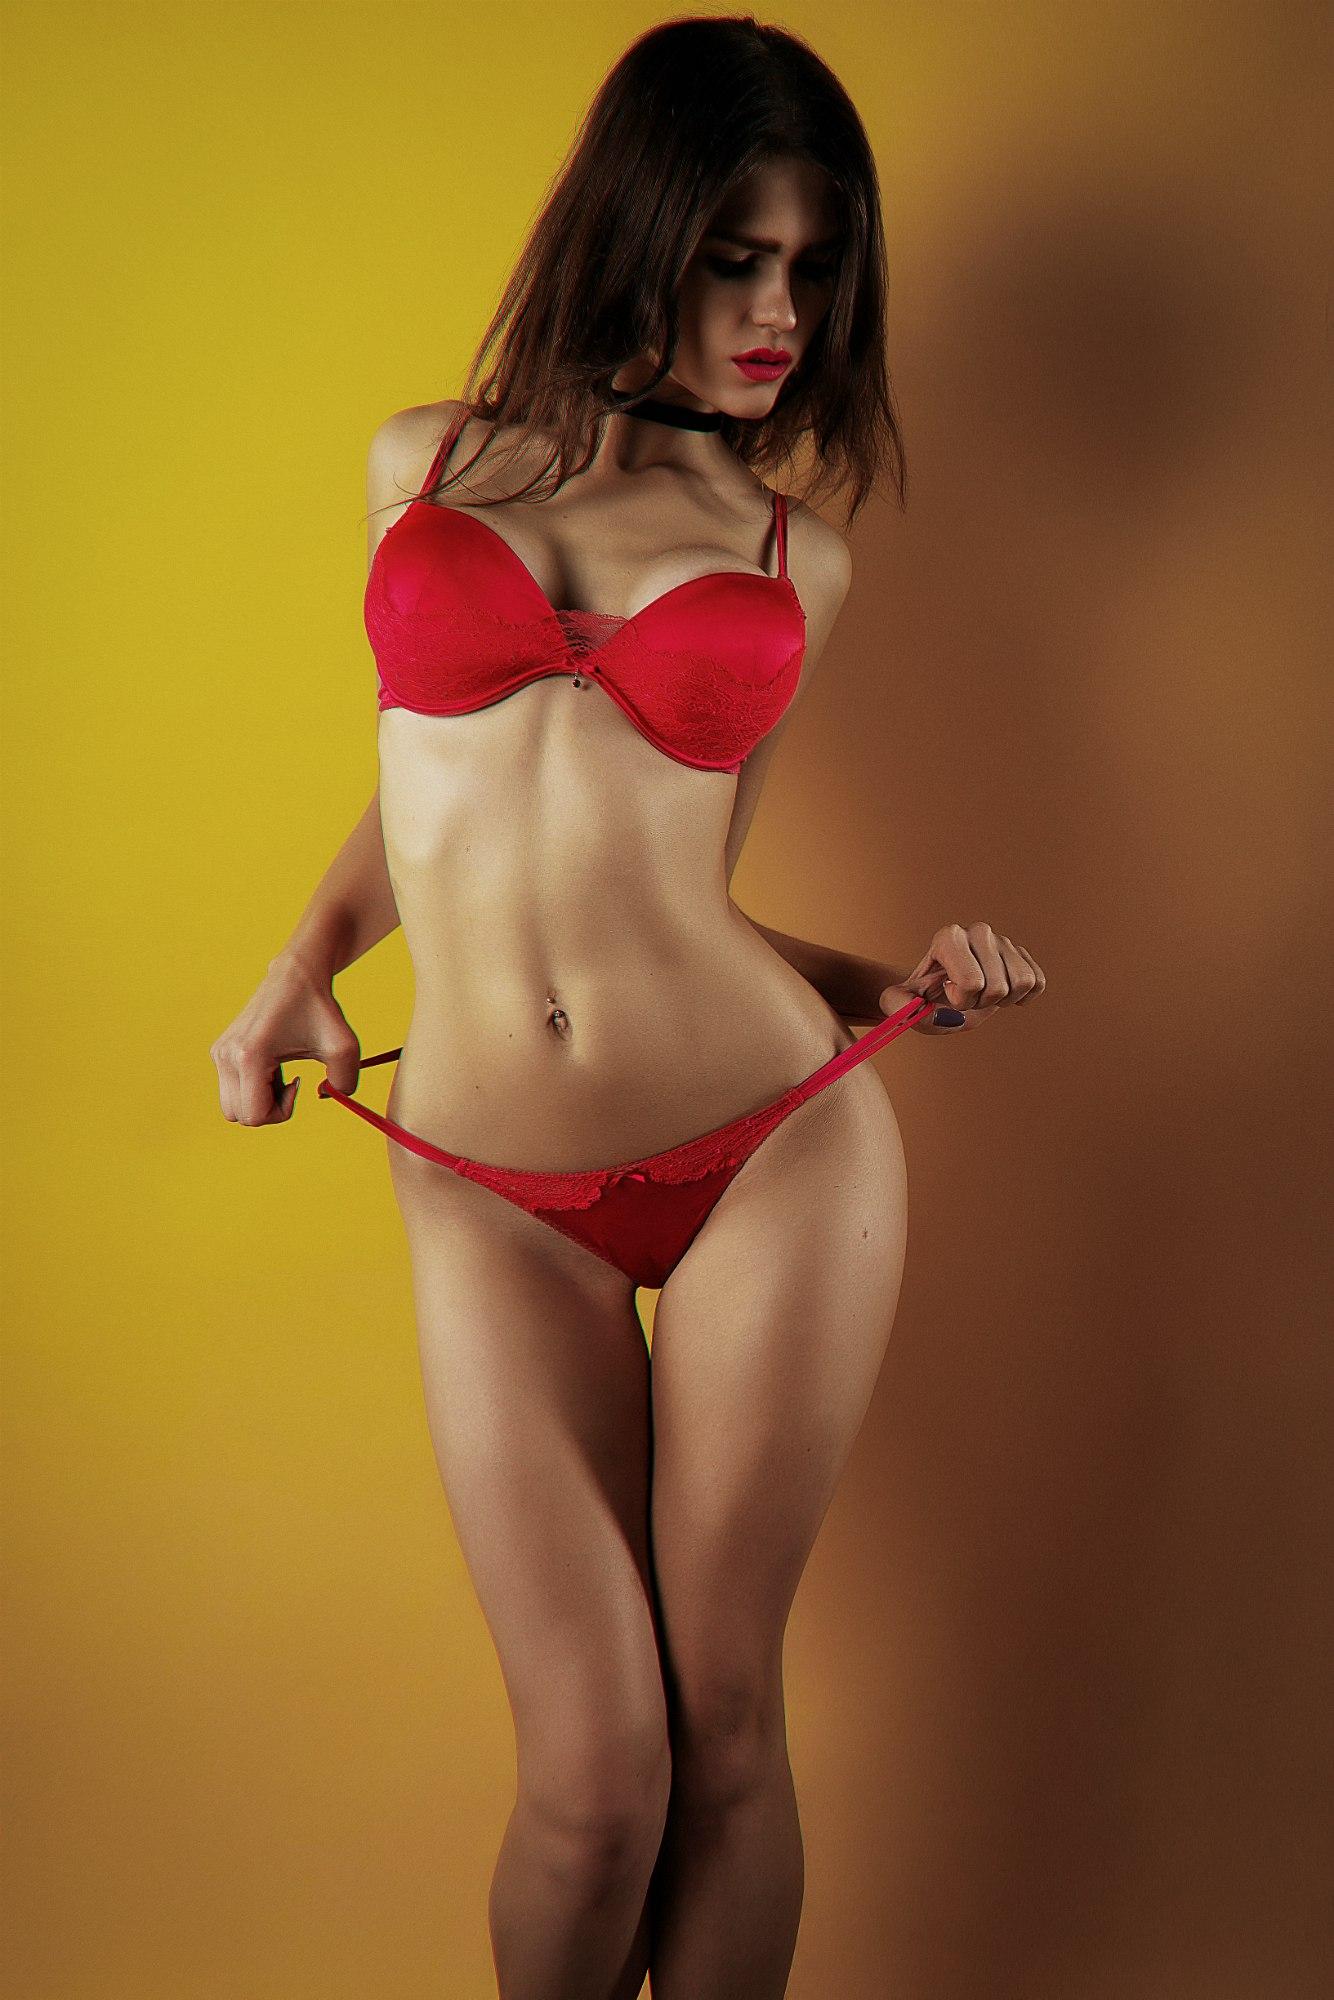 Эротические девушка в красных трусиках и в красном лифчике, анкеты девушек любящих кунилингус